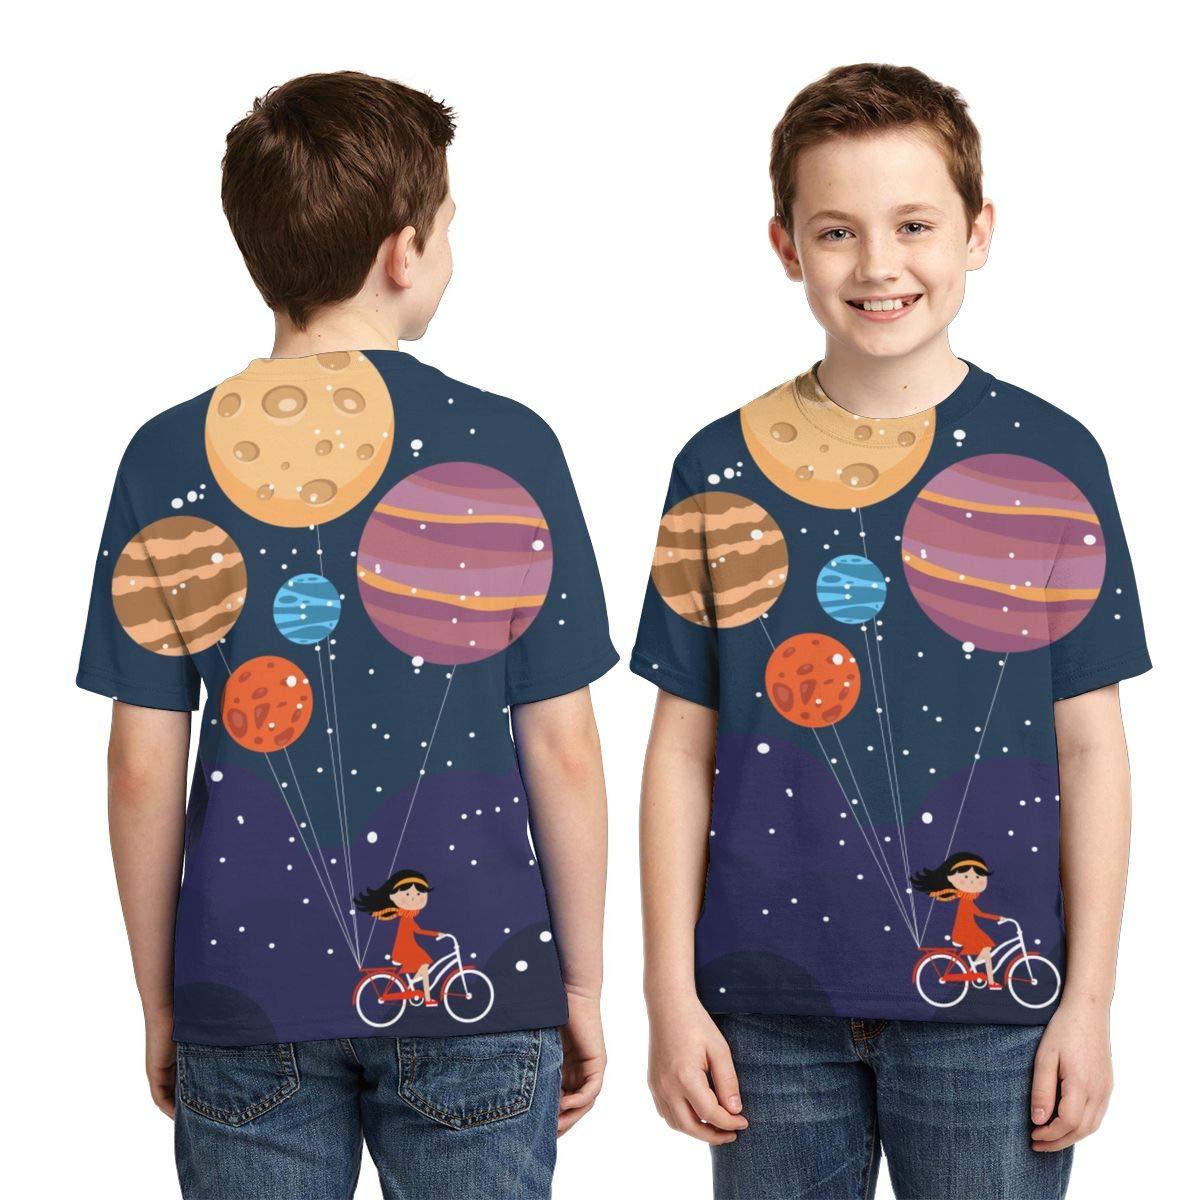 RIPO dise/ño de Planetas Camiseta de Manga Corta para ni/ños y ni/ñas